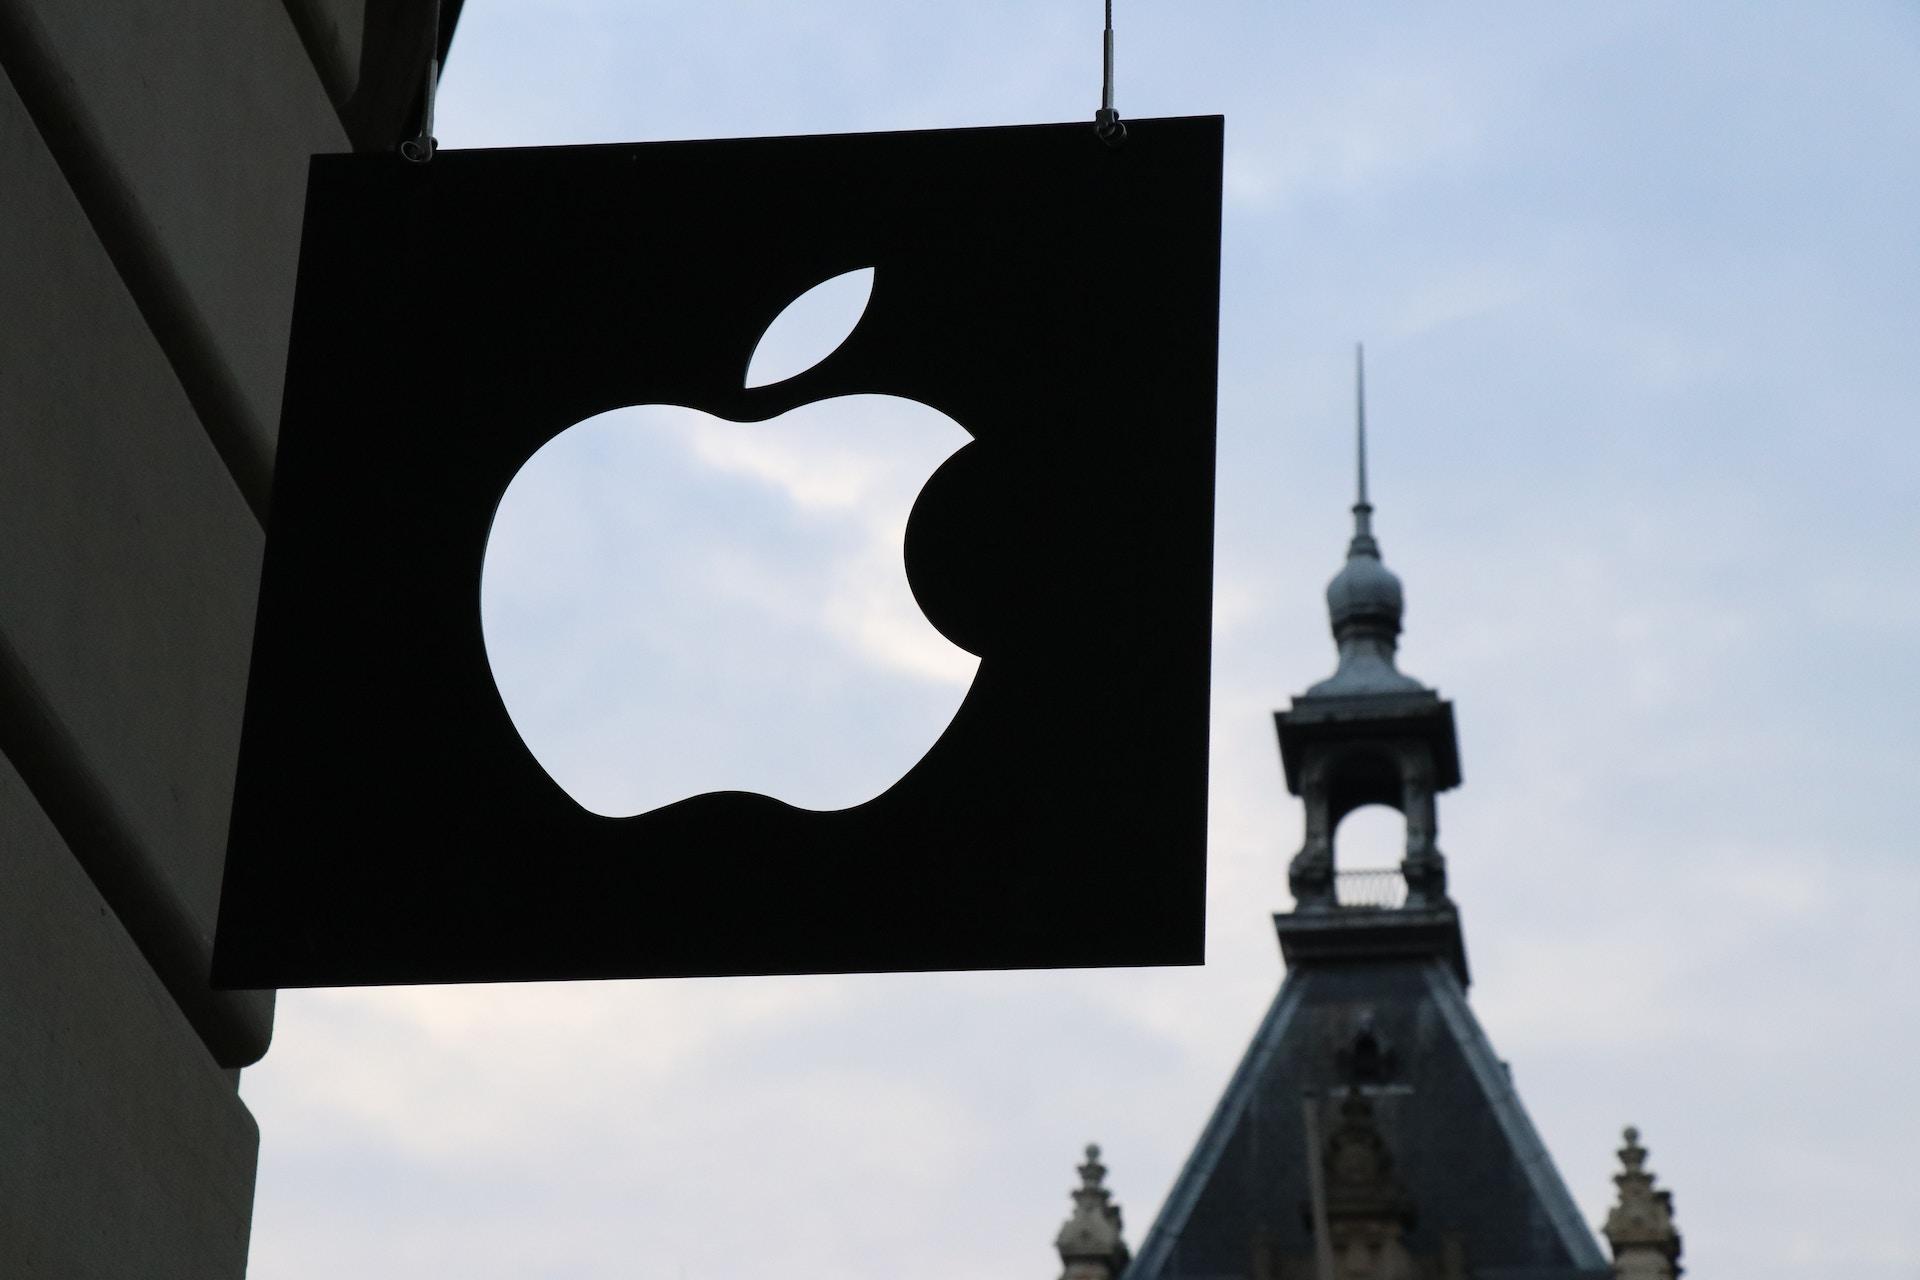 Man sieht ein Foto eines iStore Schildes, in dem das Apple Logo ausgeschnitten wurde und man durch die Transparenz den Himmel sehen kann.